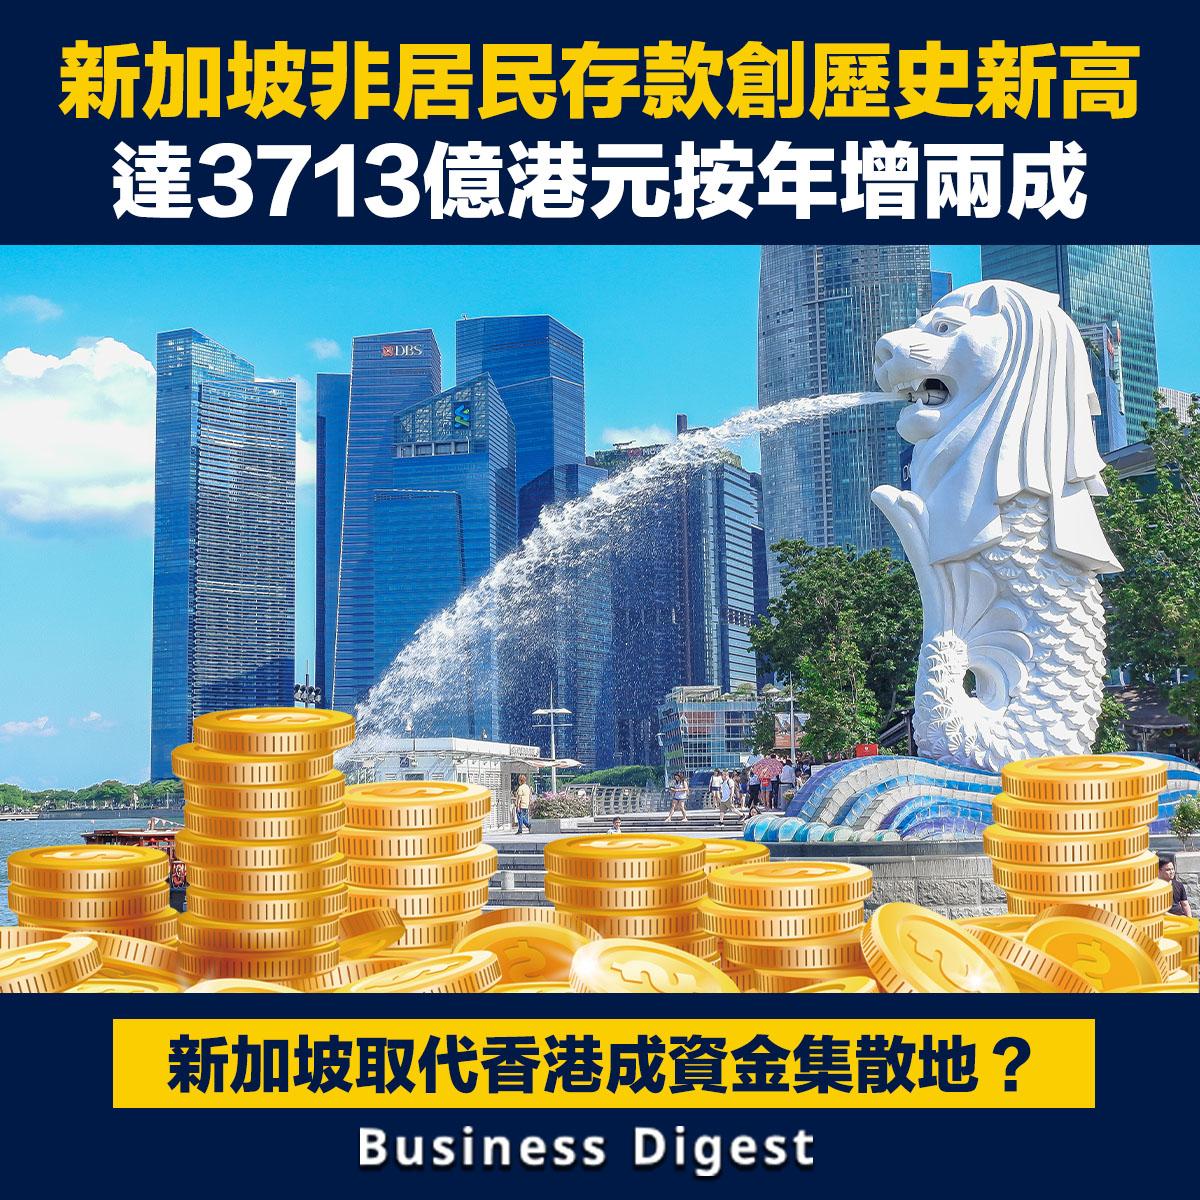 自2020年1月以來,新加坡非居民的總存款達642億新加坡幣(約3713億港元),創歷史新高